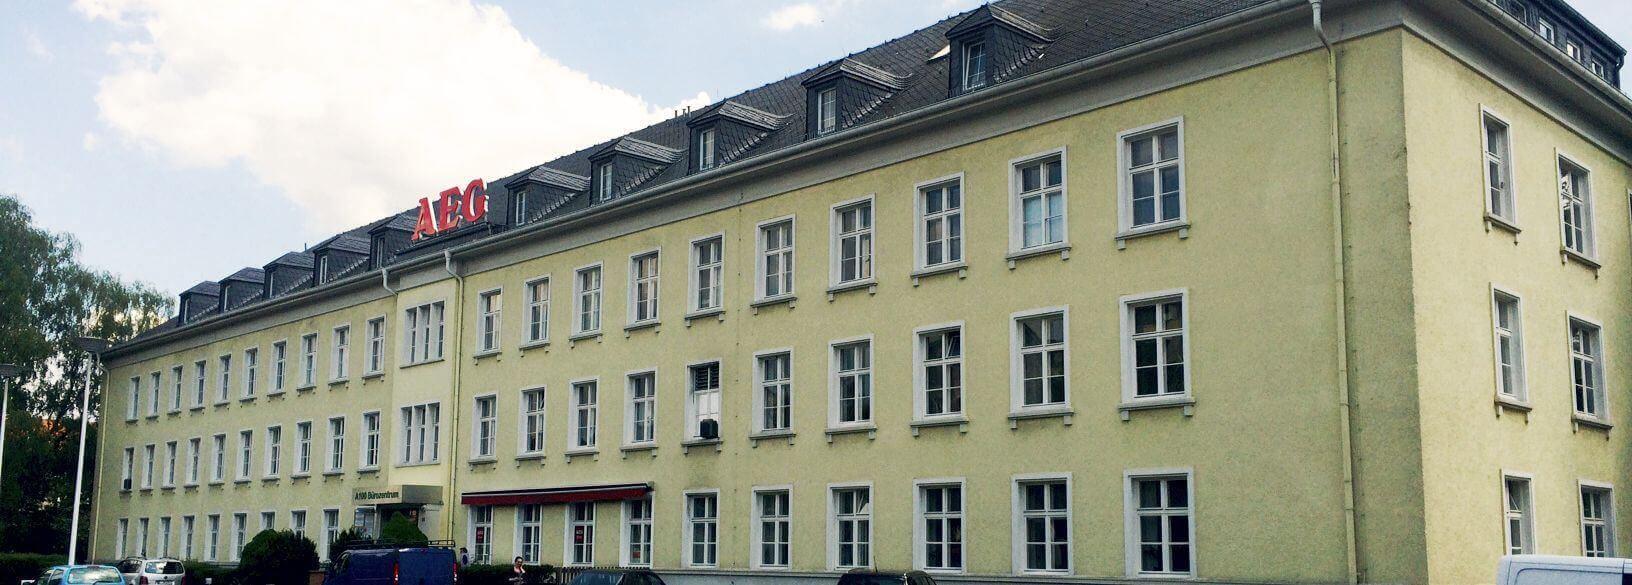 DIQP in Berlin